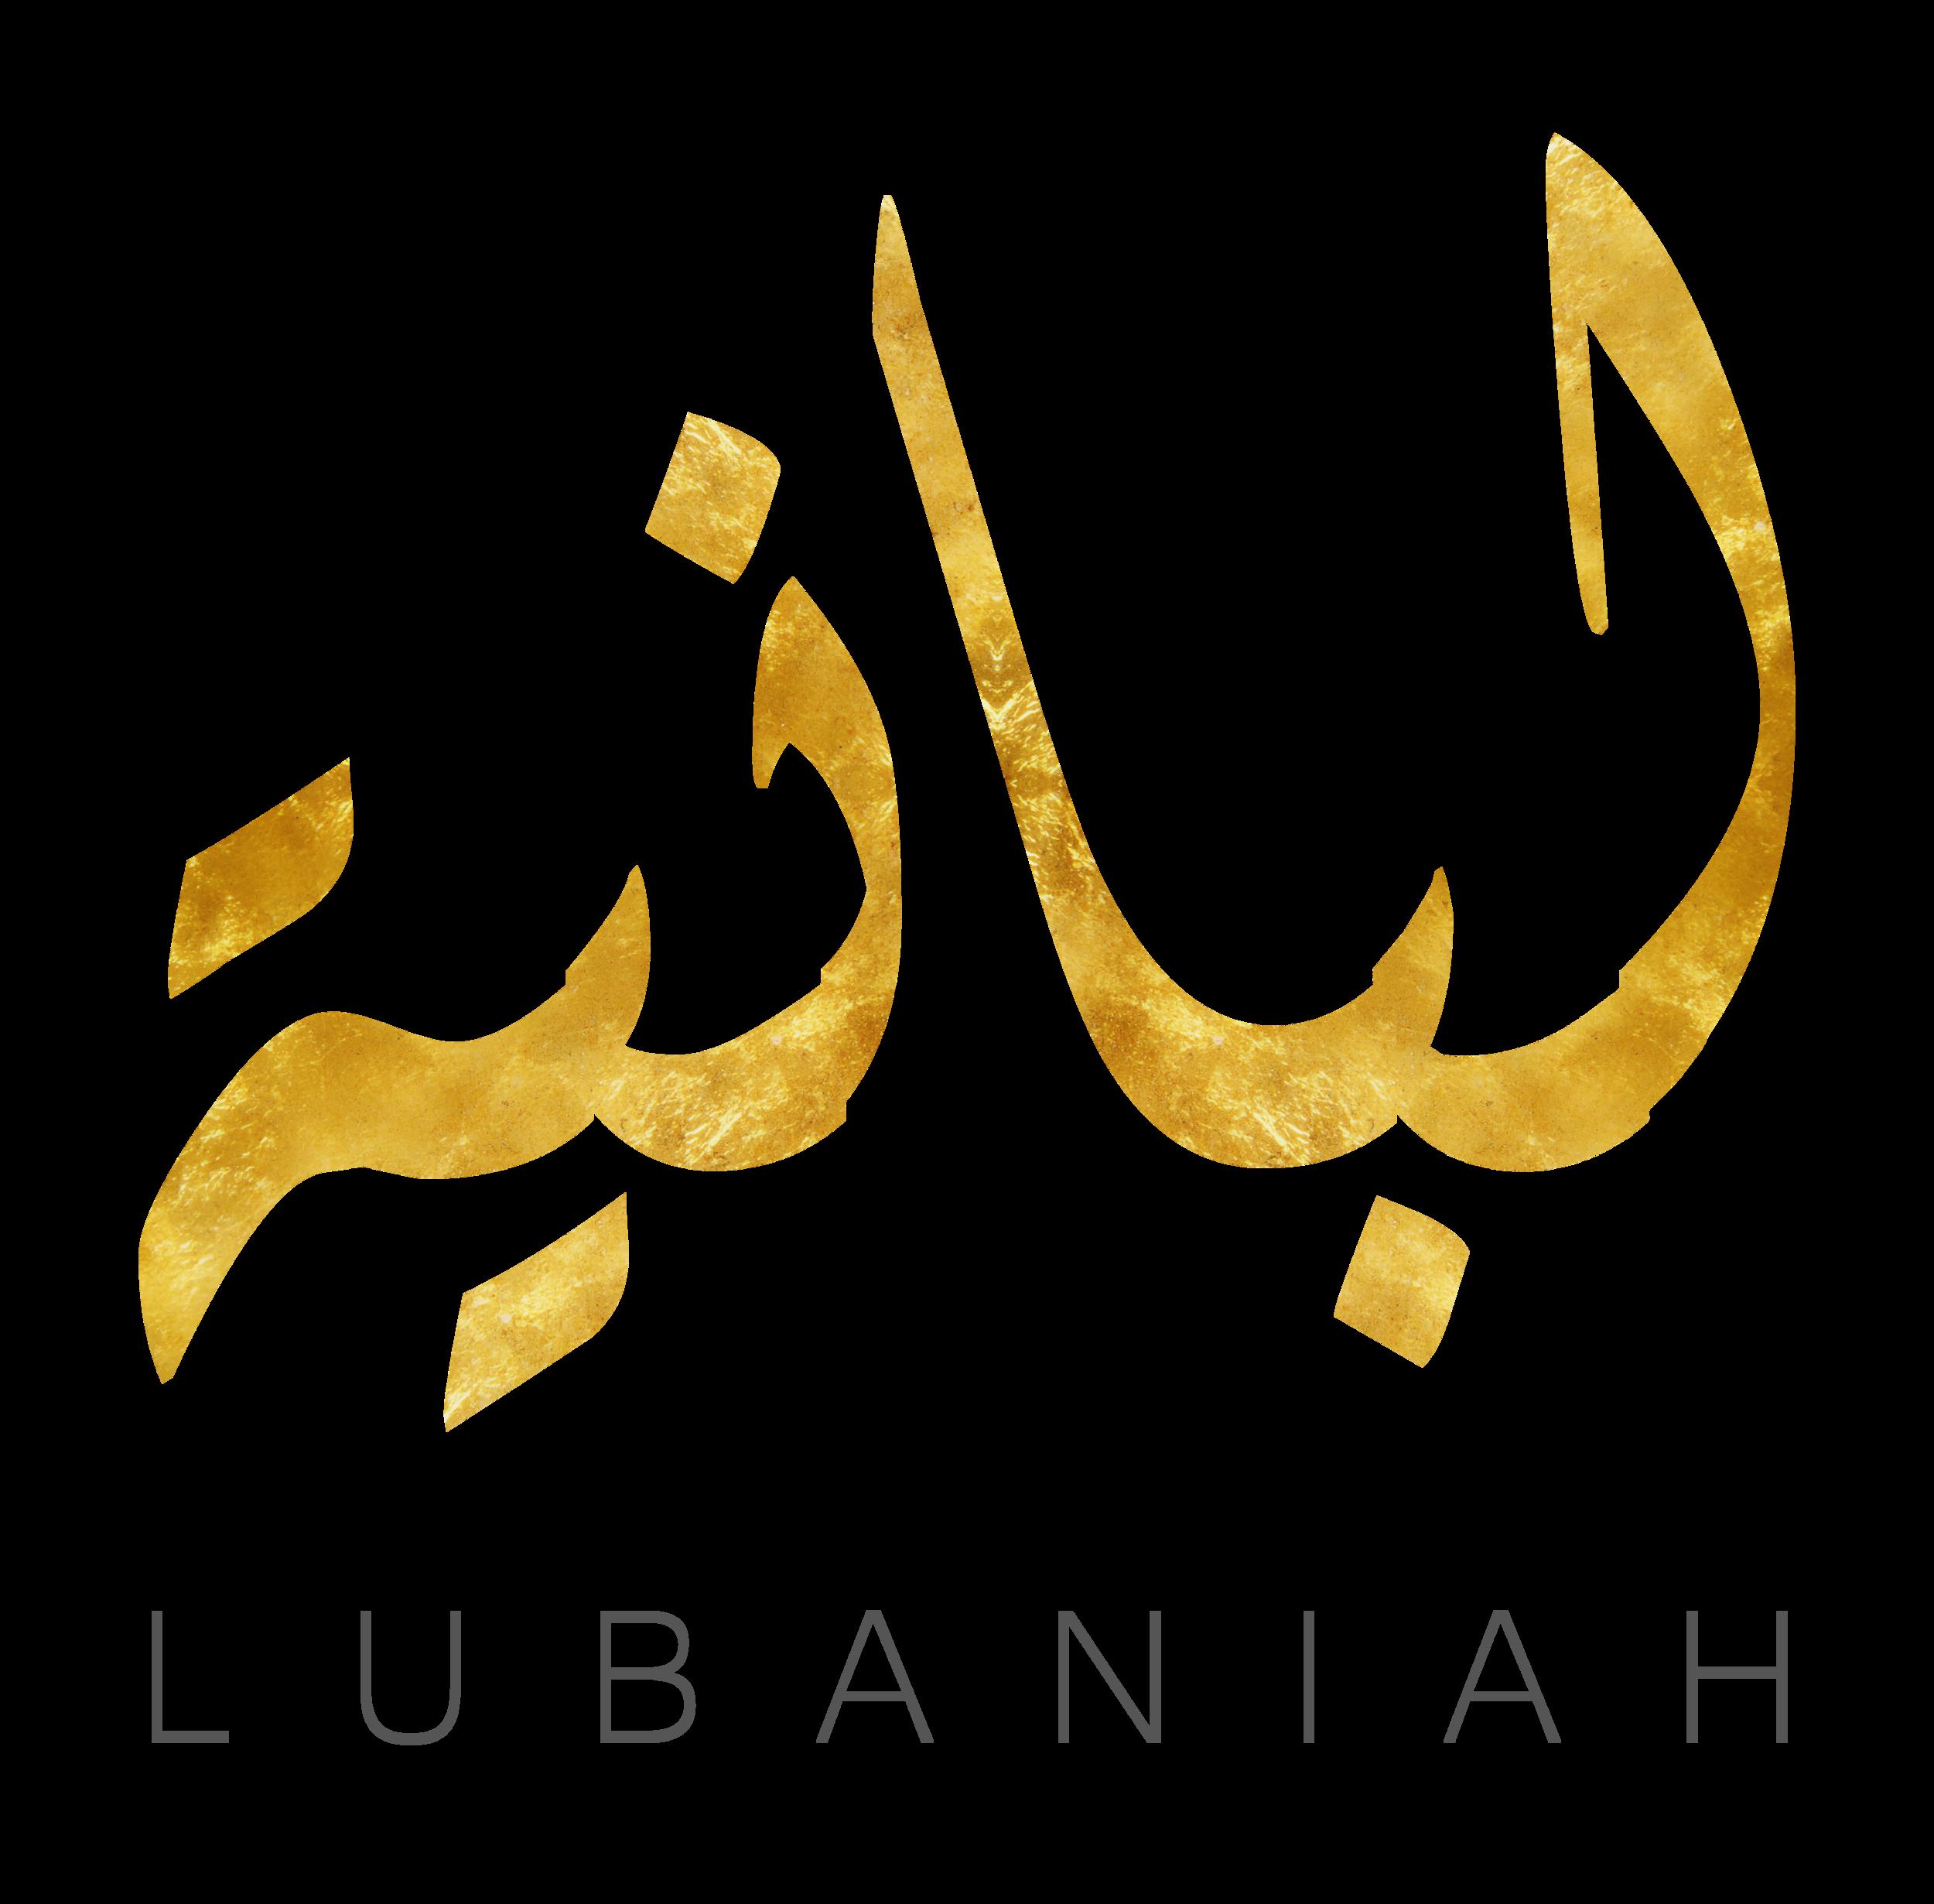 lbnh logo 2019 - 2.png